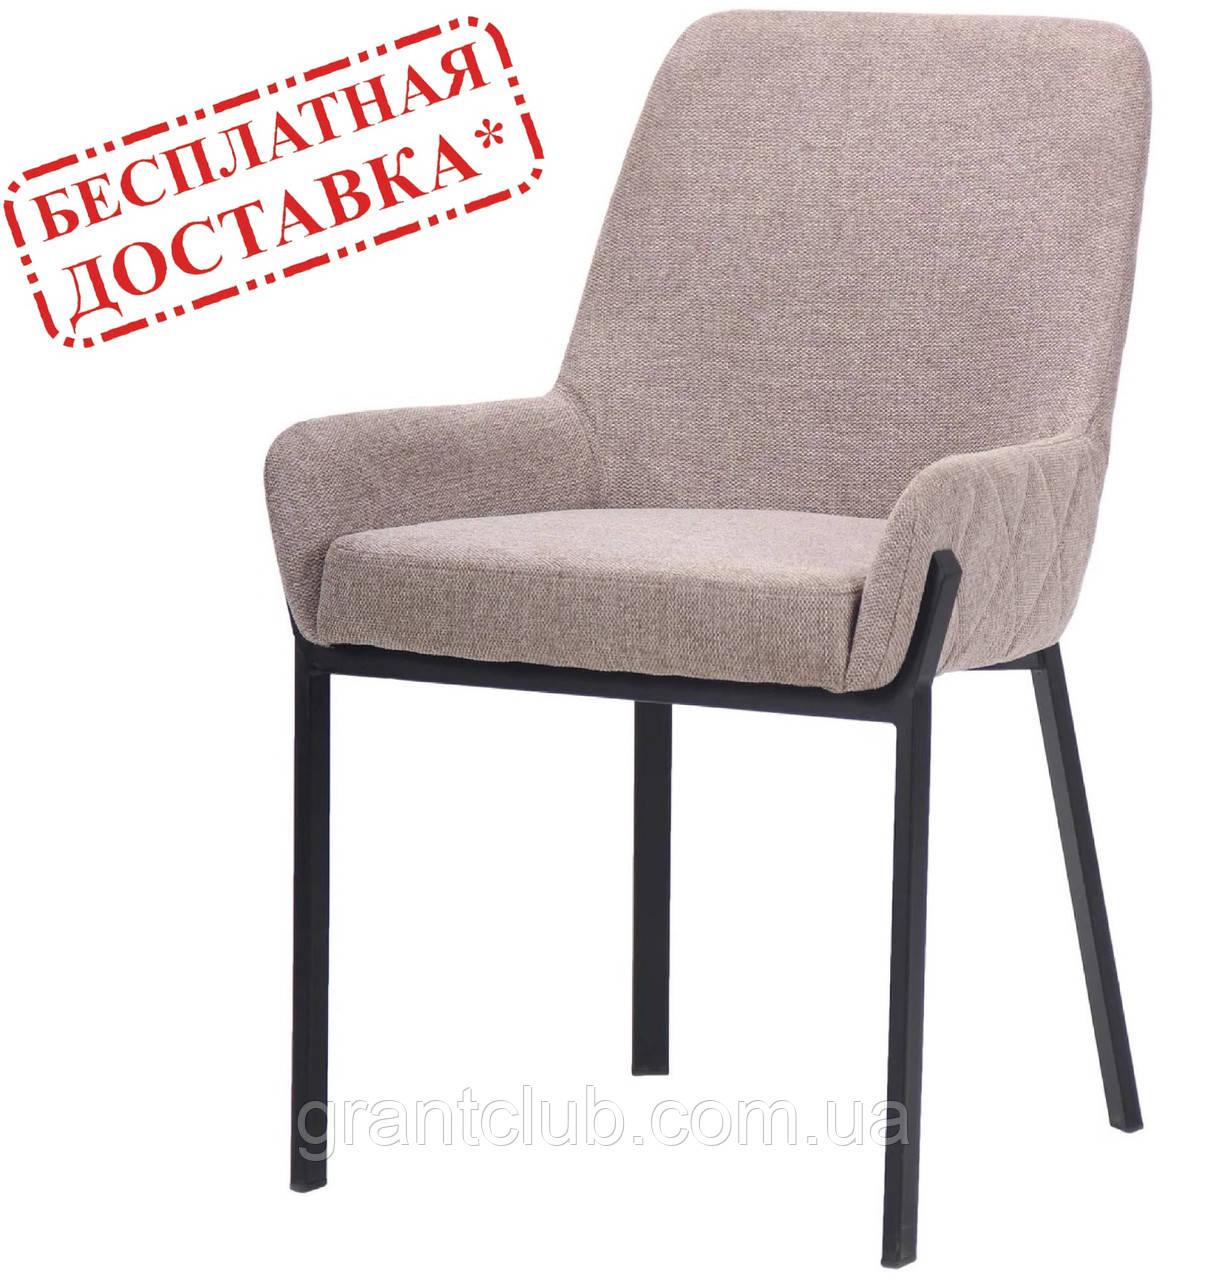 Кресло CHARLOTTE черный/меланж латте AMF (бесплатная адресная доставка)